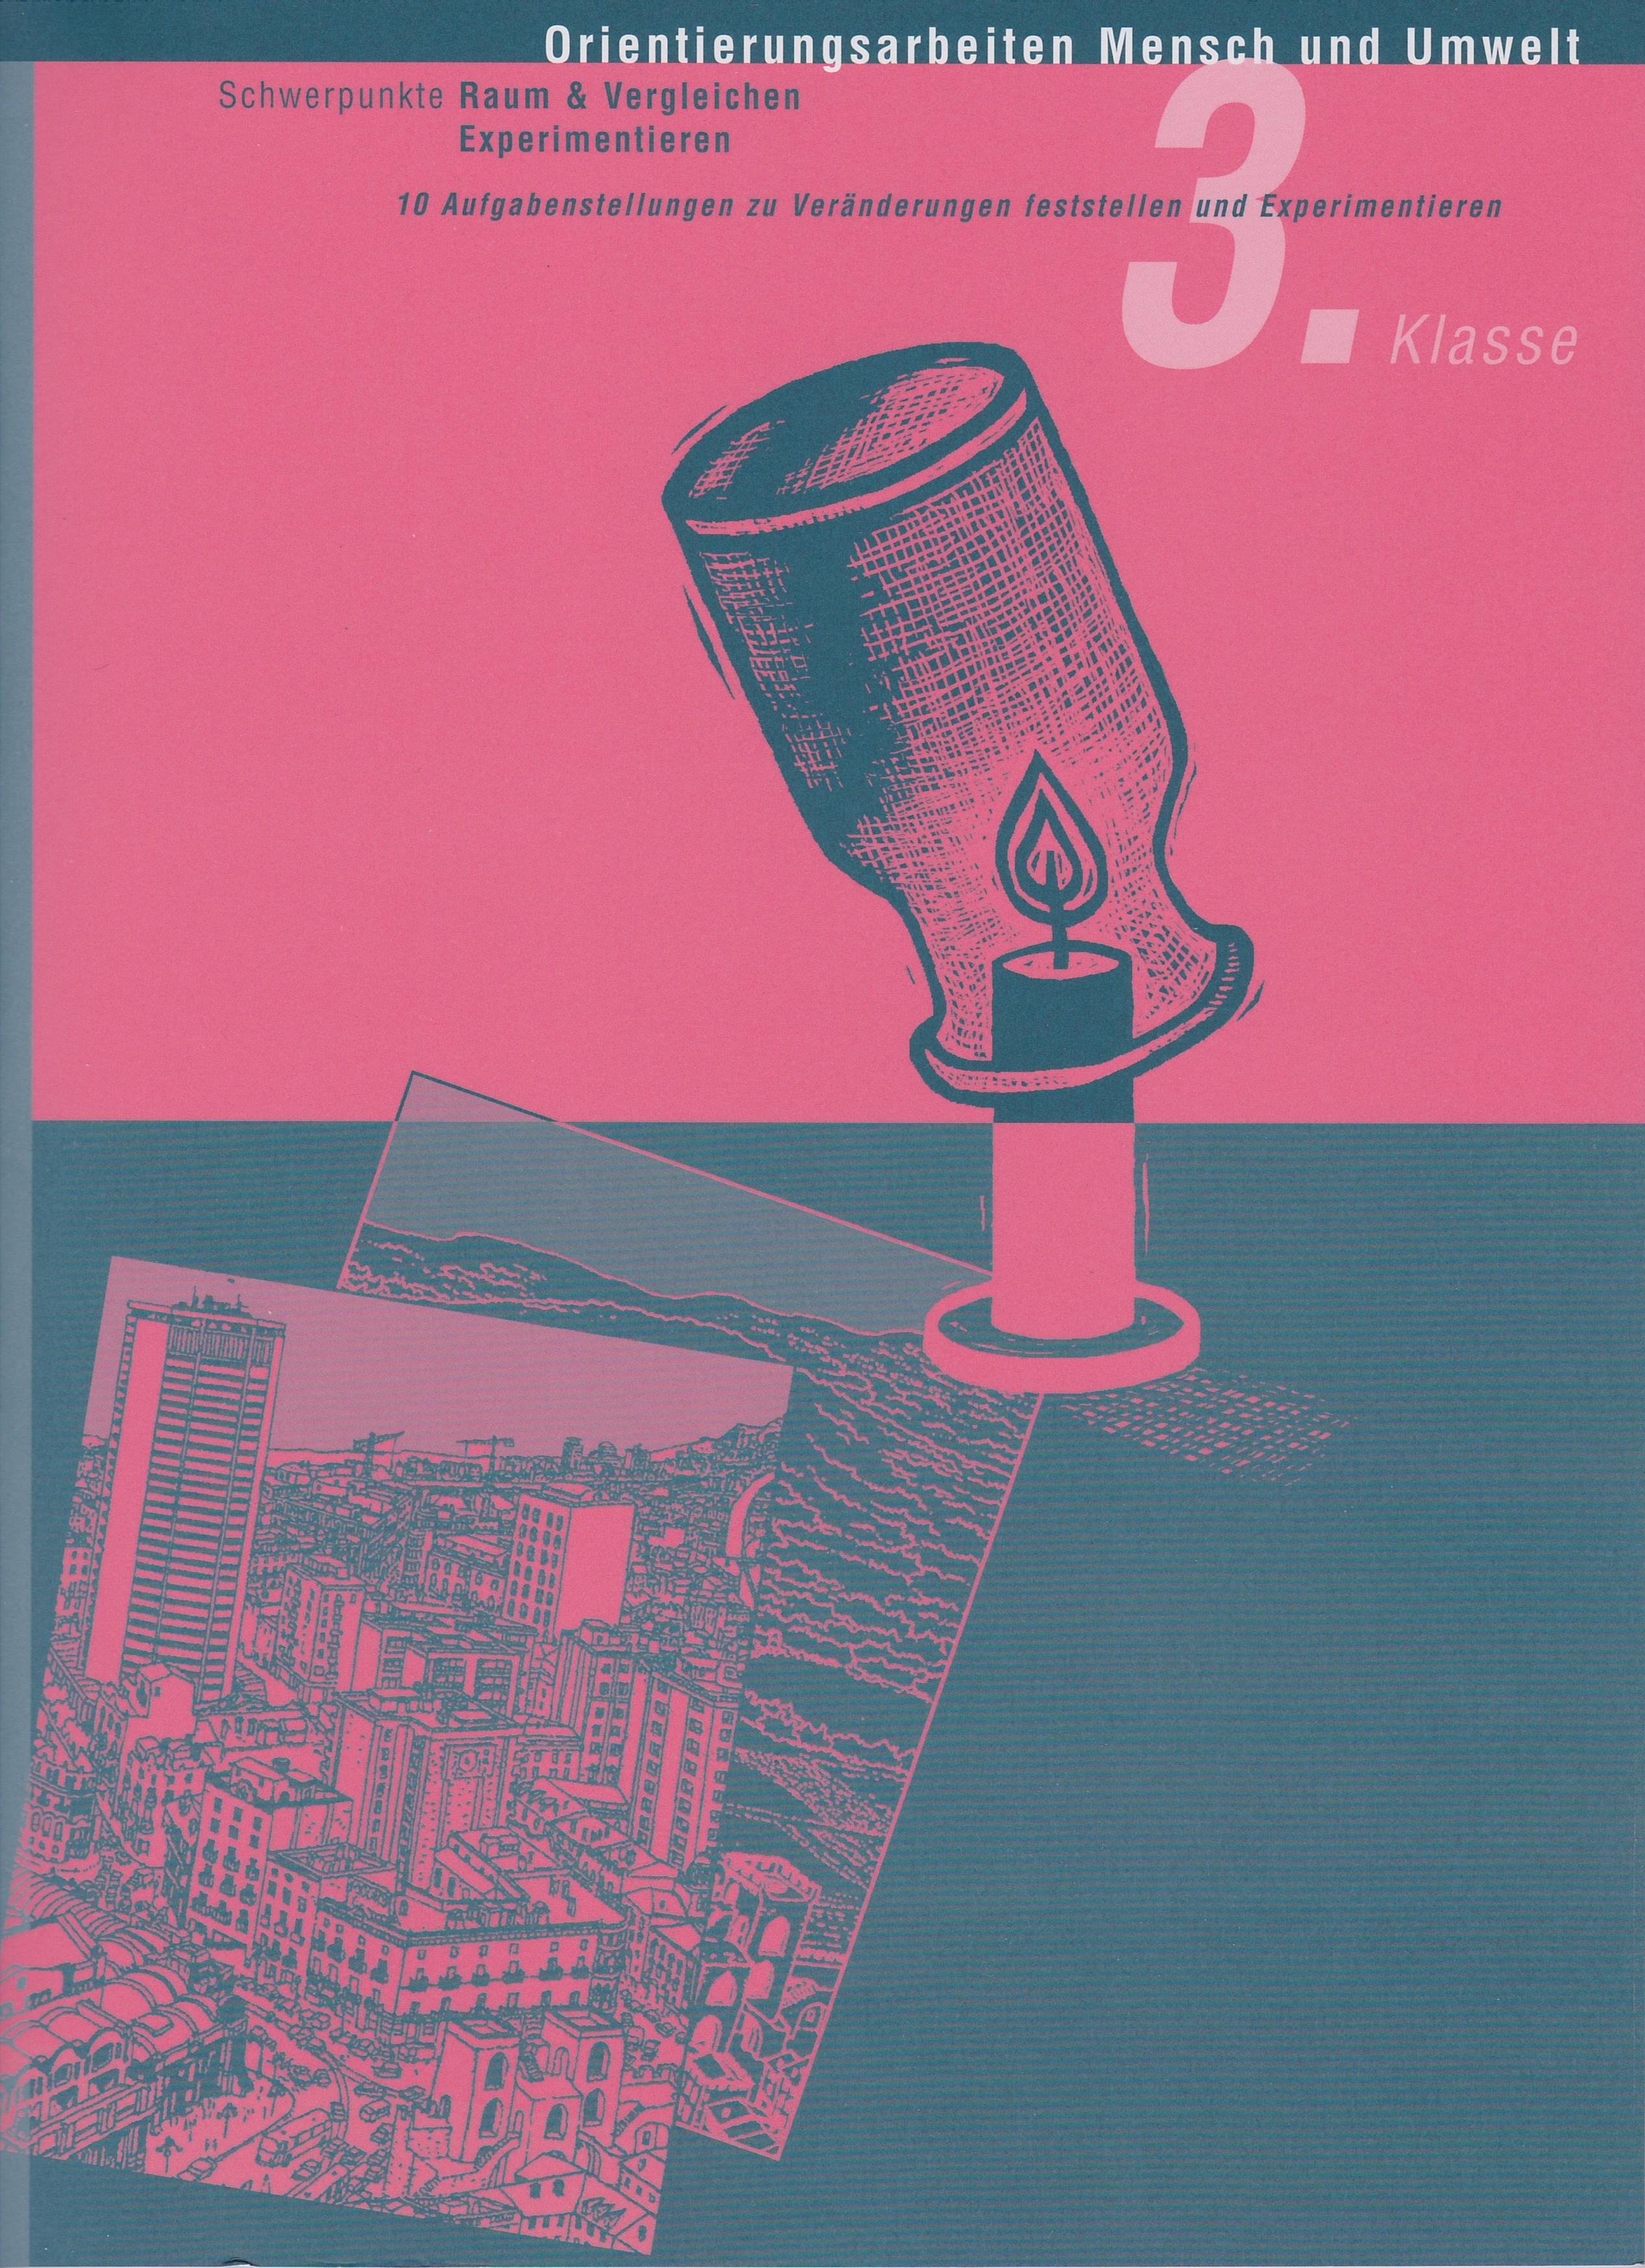 Preview image for LOM object Orientierungsarbeit Mensch und Umwelt 3: Vergleichen und Experimentieren